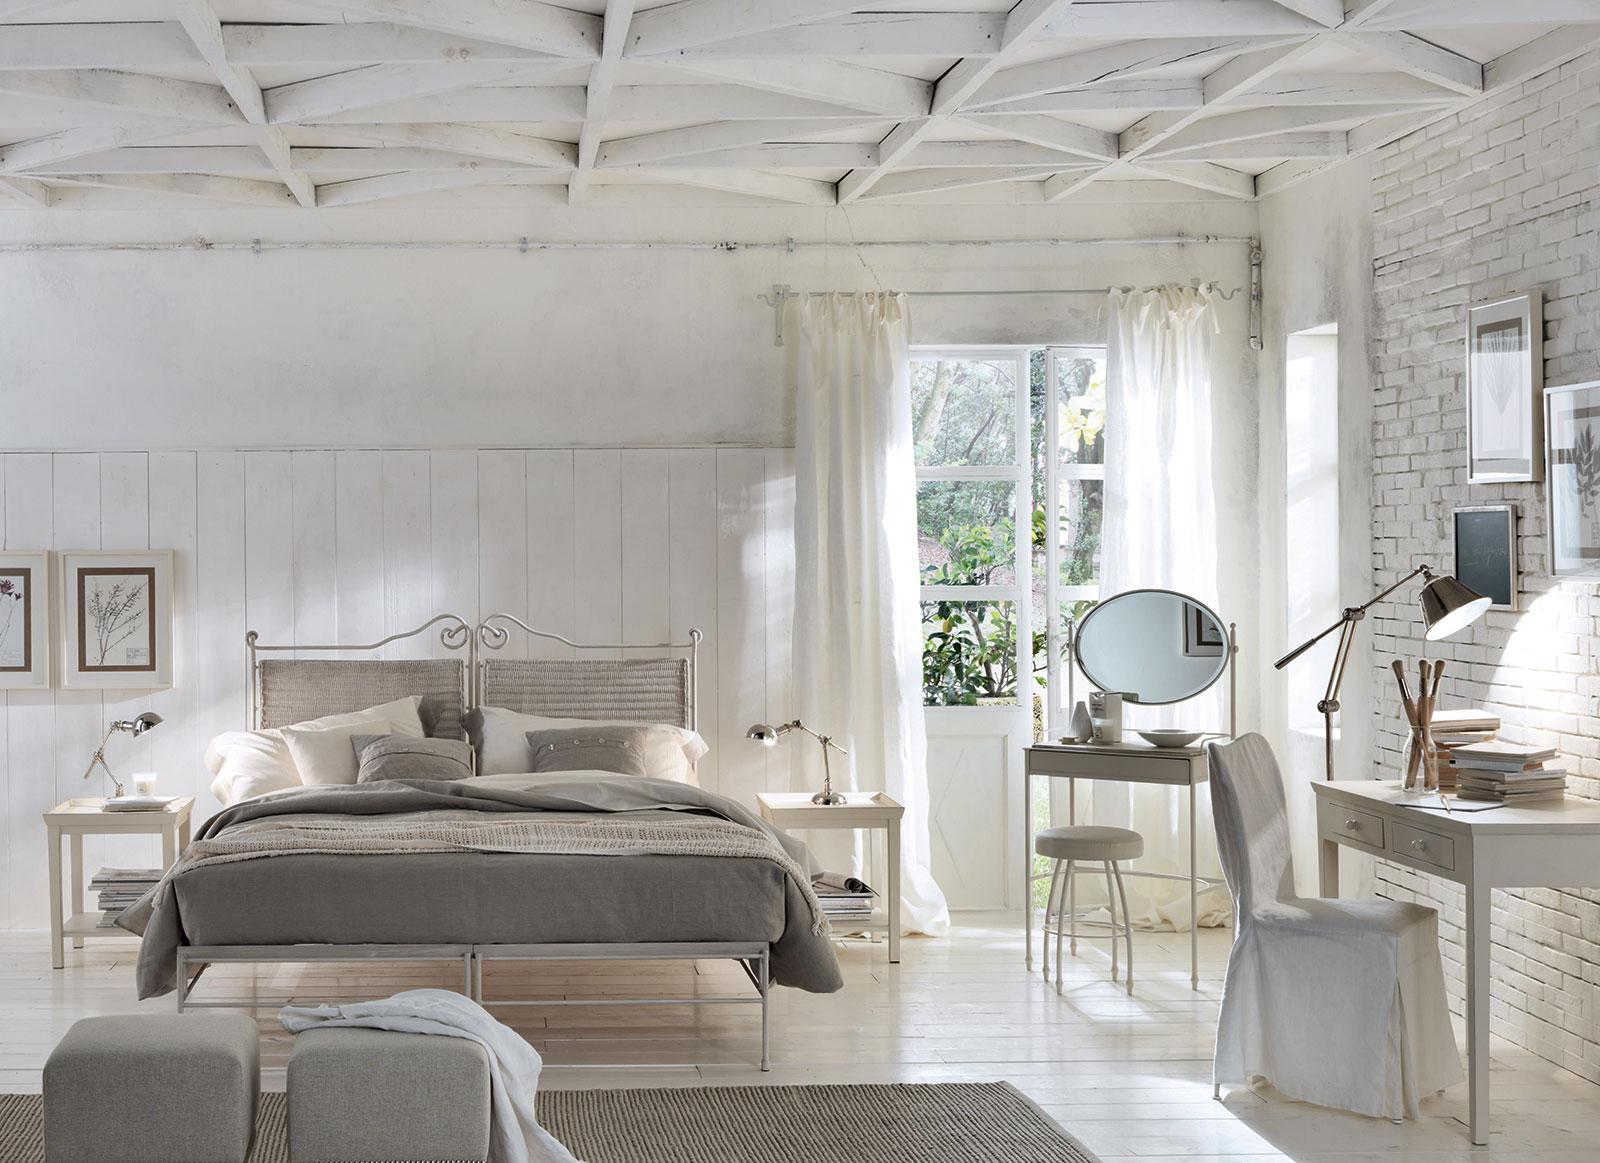 Camere classiche della collezione luxury olto arredamenti for Sereno arredamenti